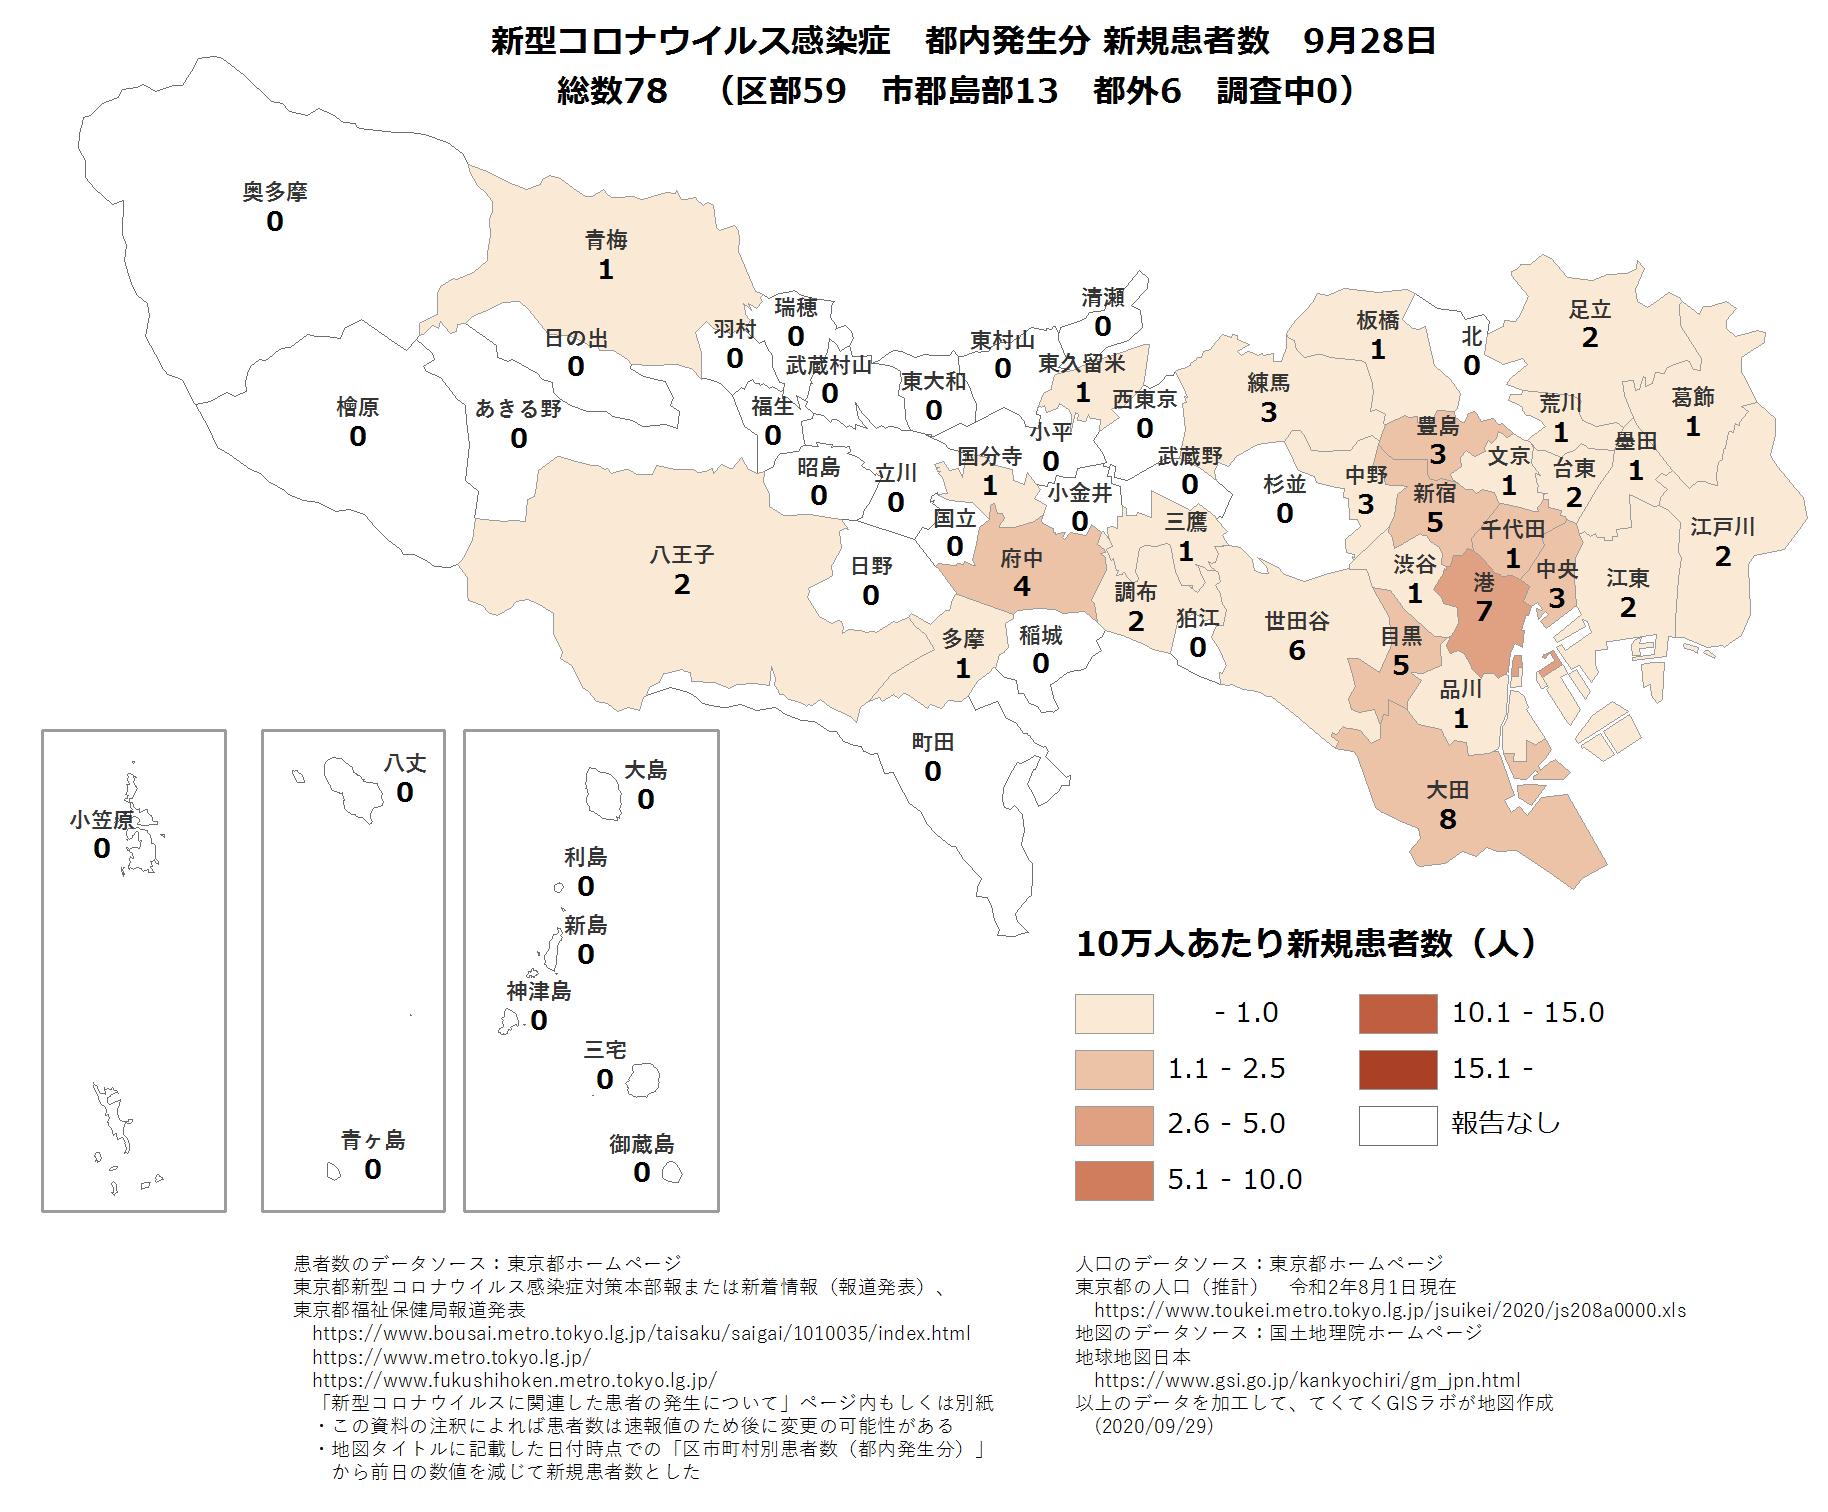 市区町村ごと新規患者数9月28日東京